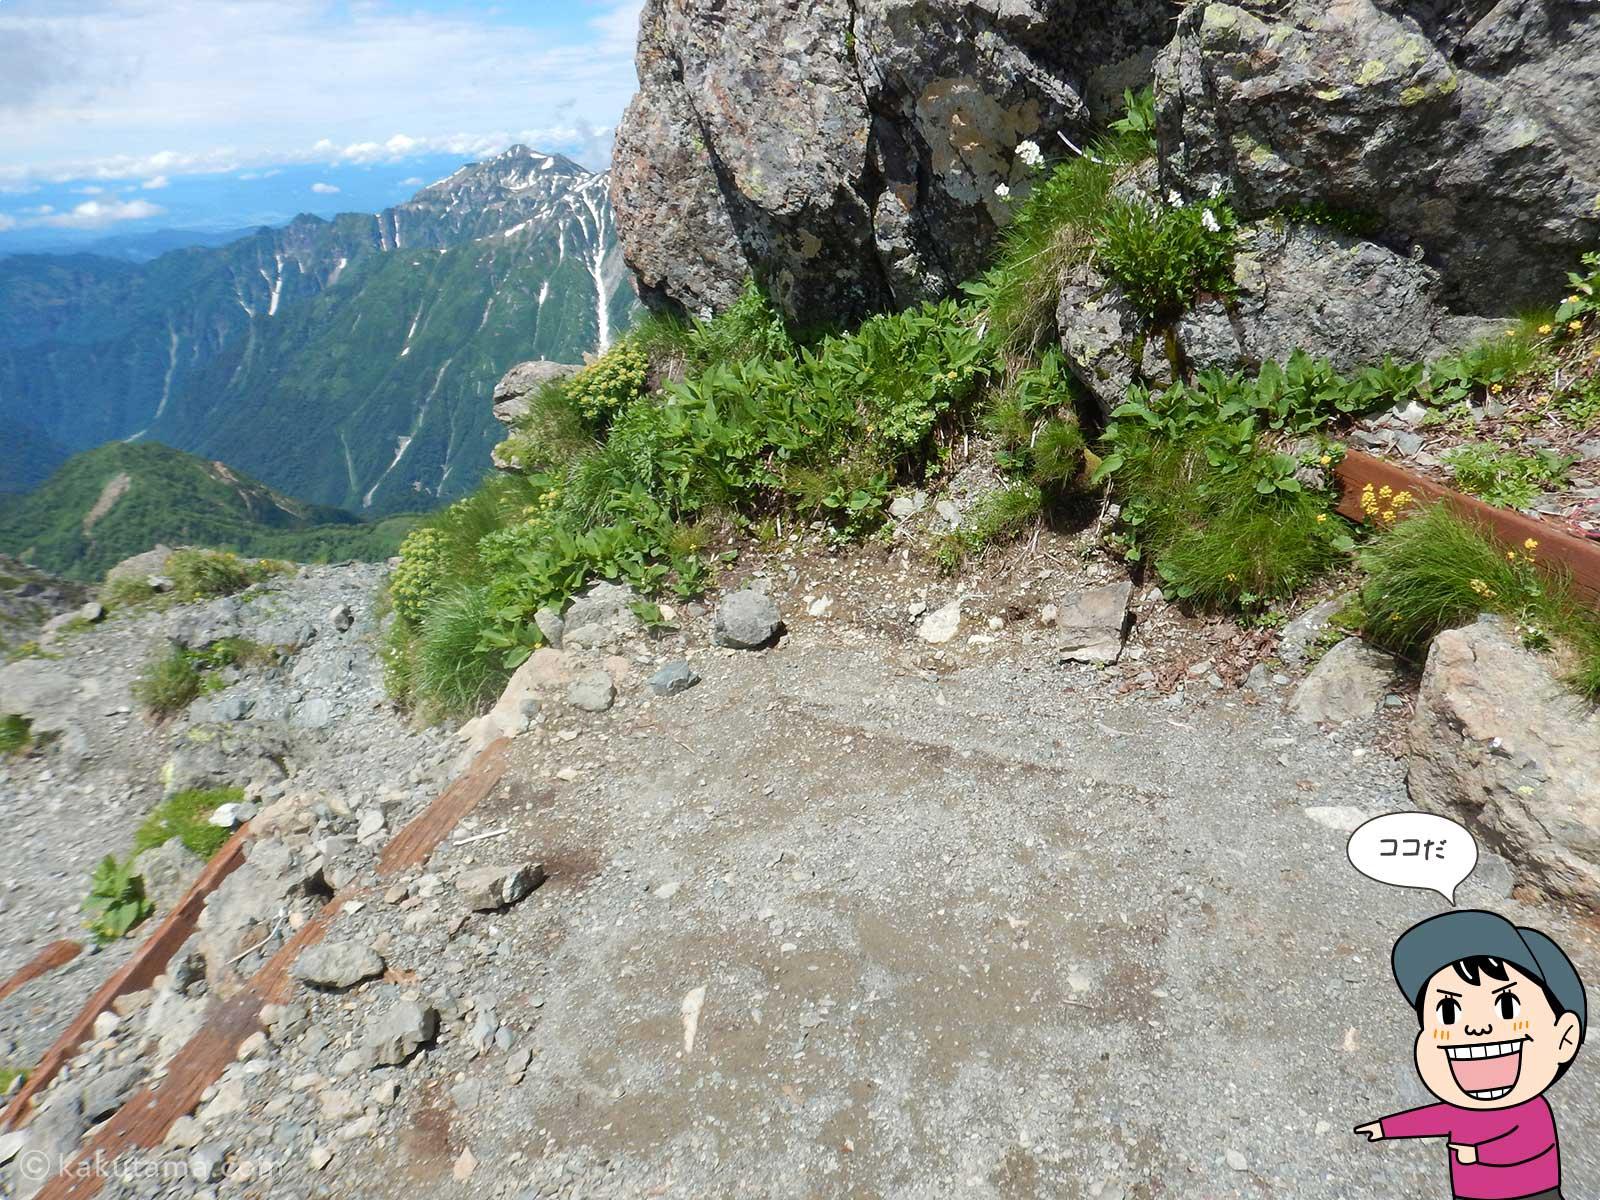 槍ヶ岳山荘のテント場の場所